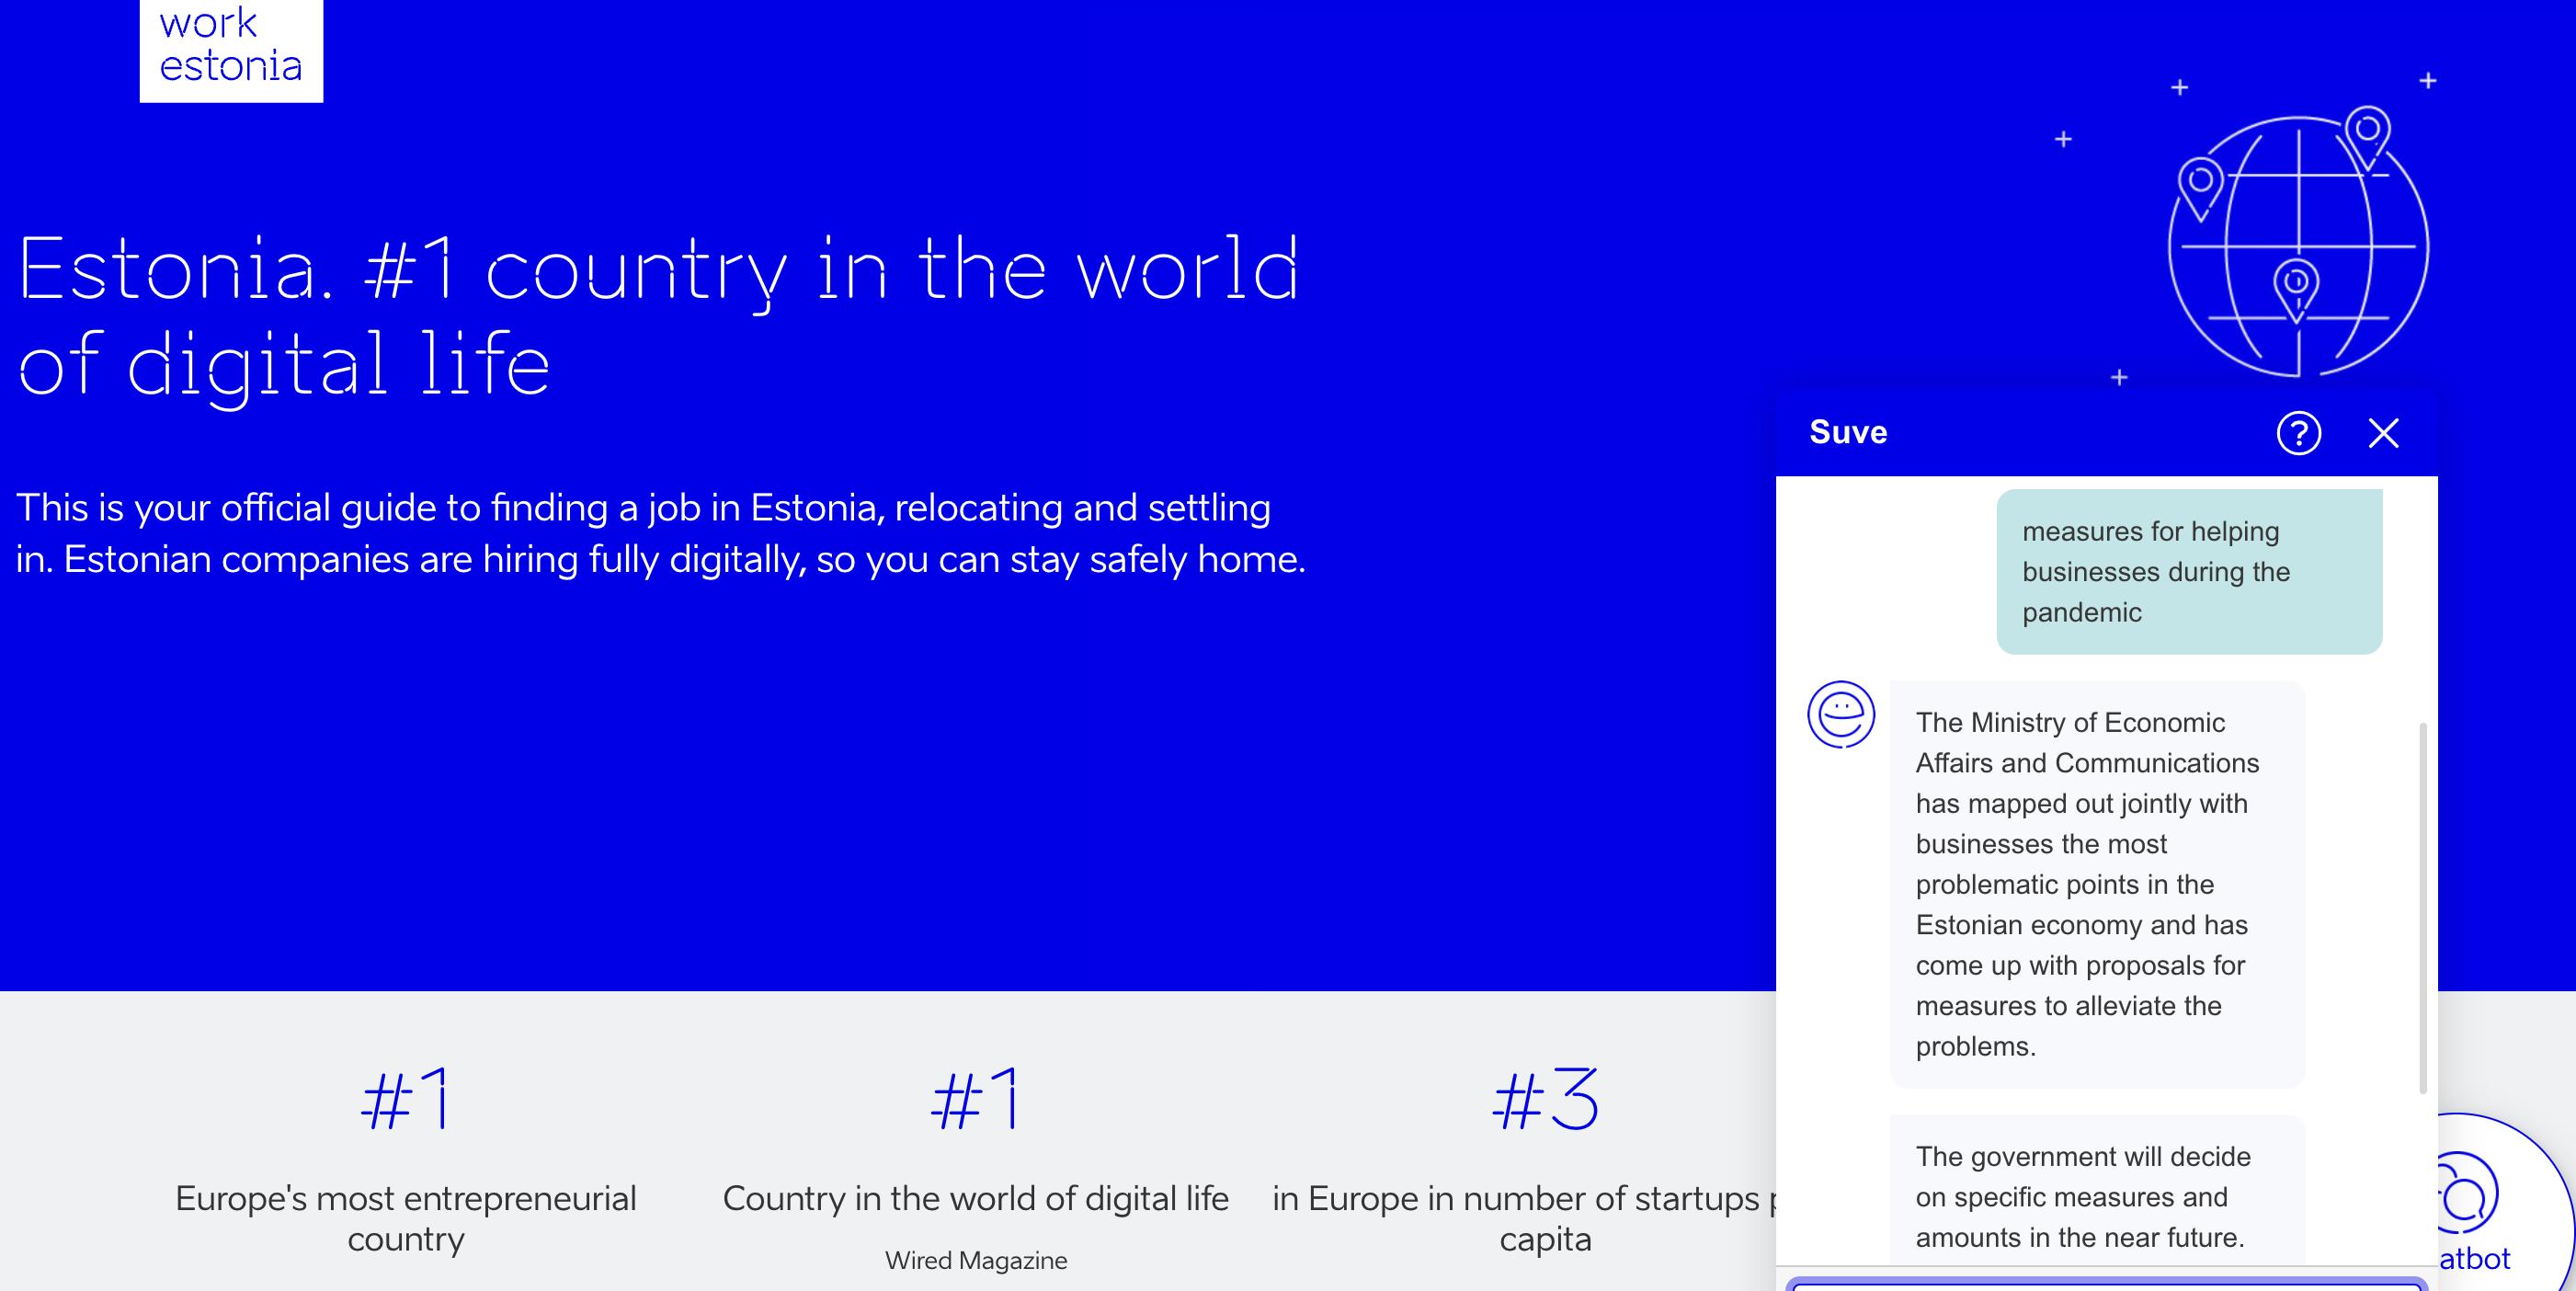 Suve asistente virtual gobiernos, Estonia